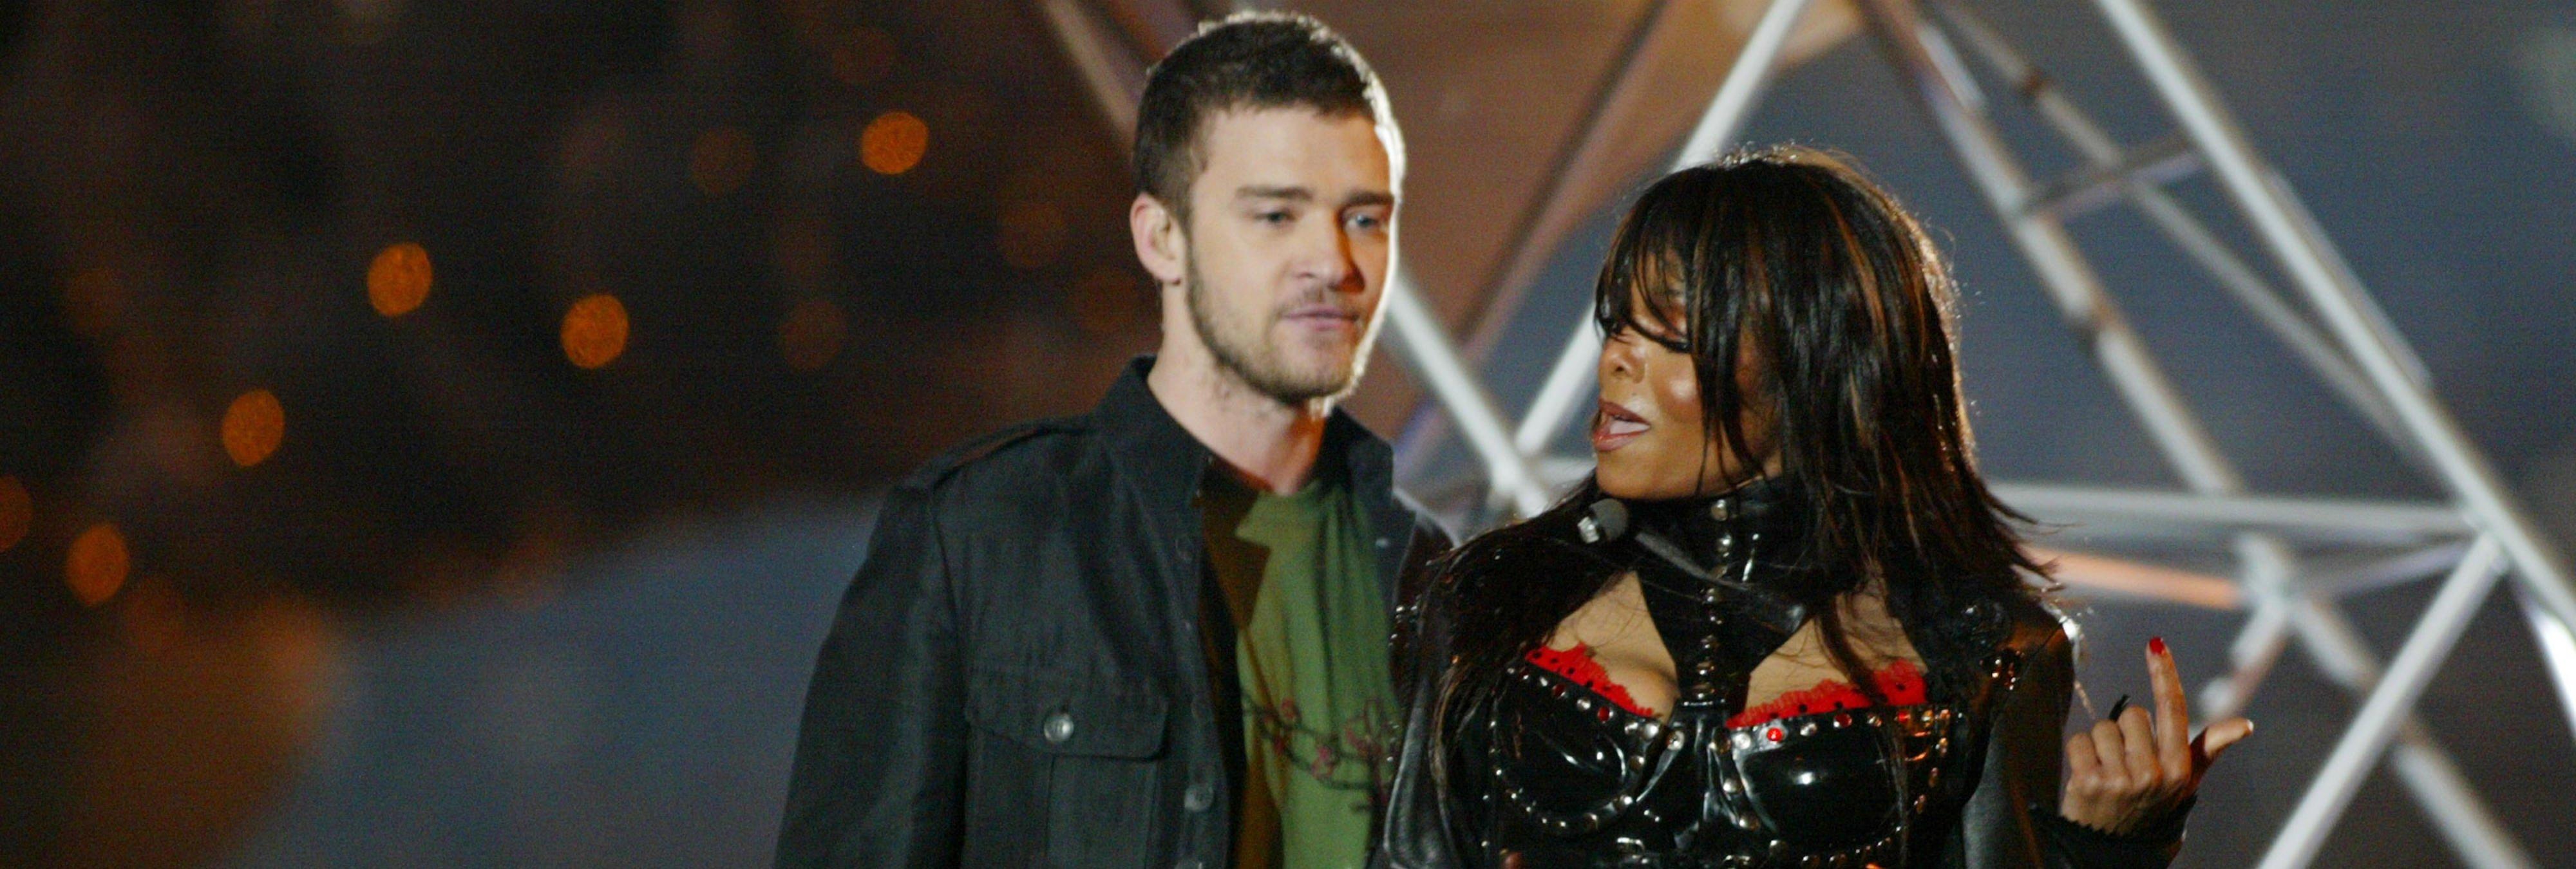 """9 cantantes que lo han enseñado """"absolutamente todo"""" en el escenario"""